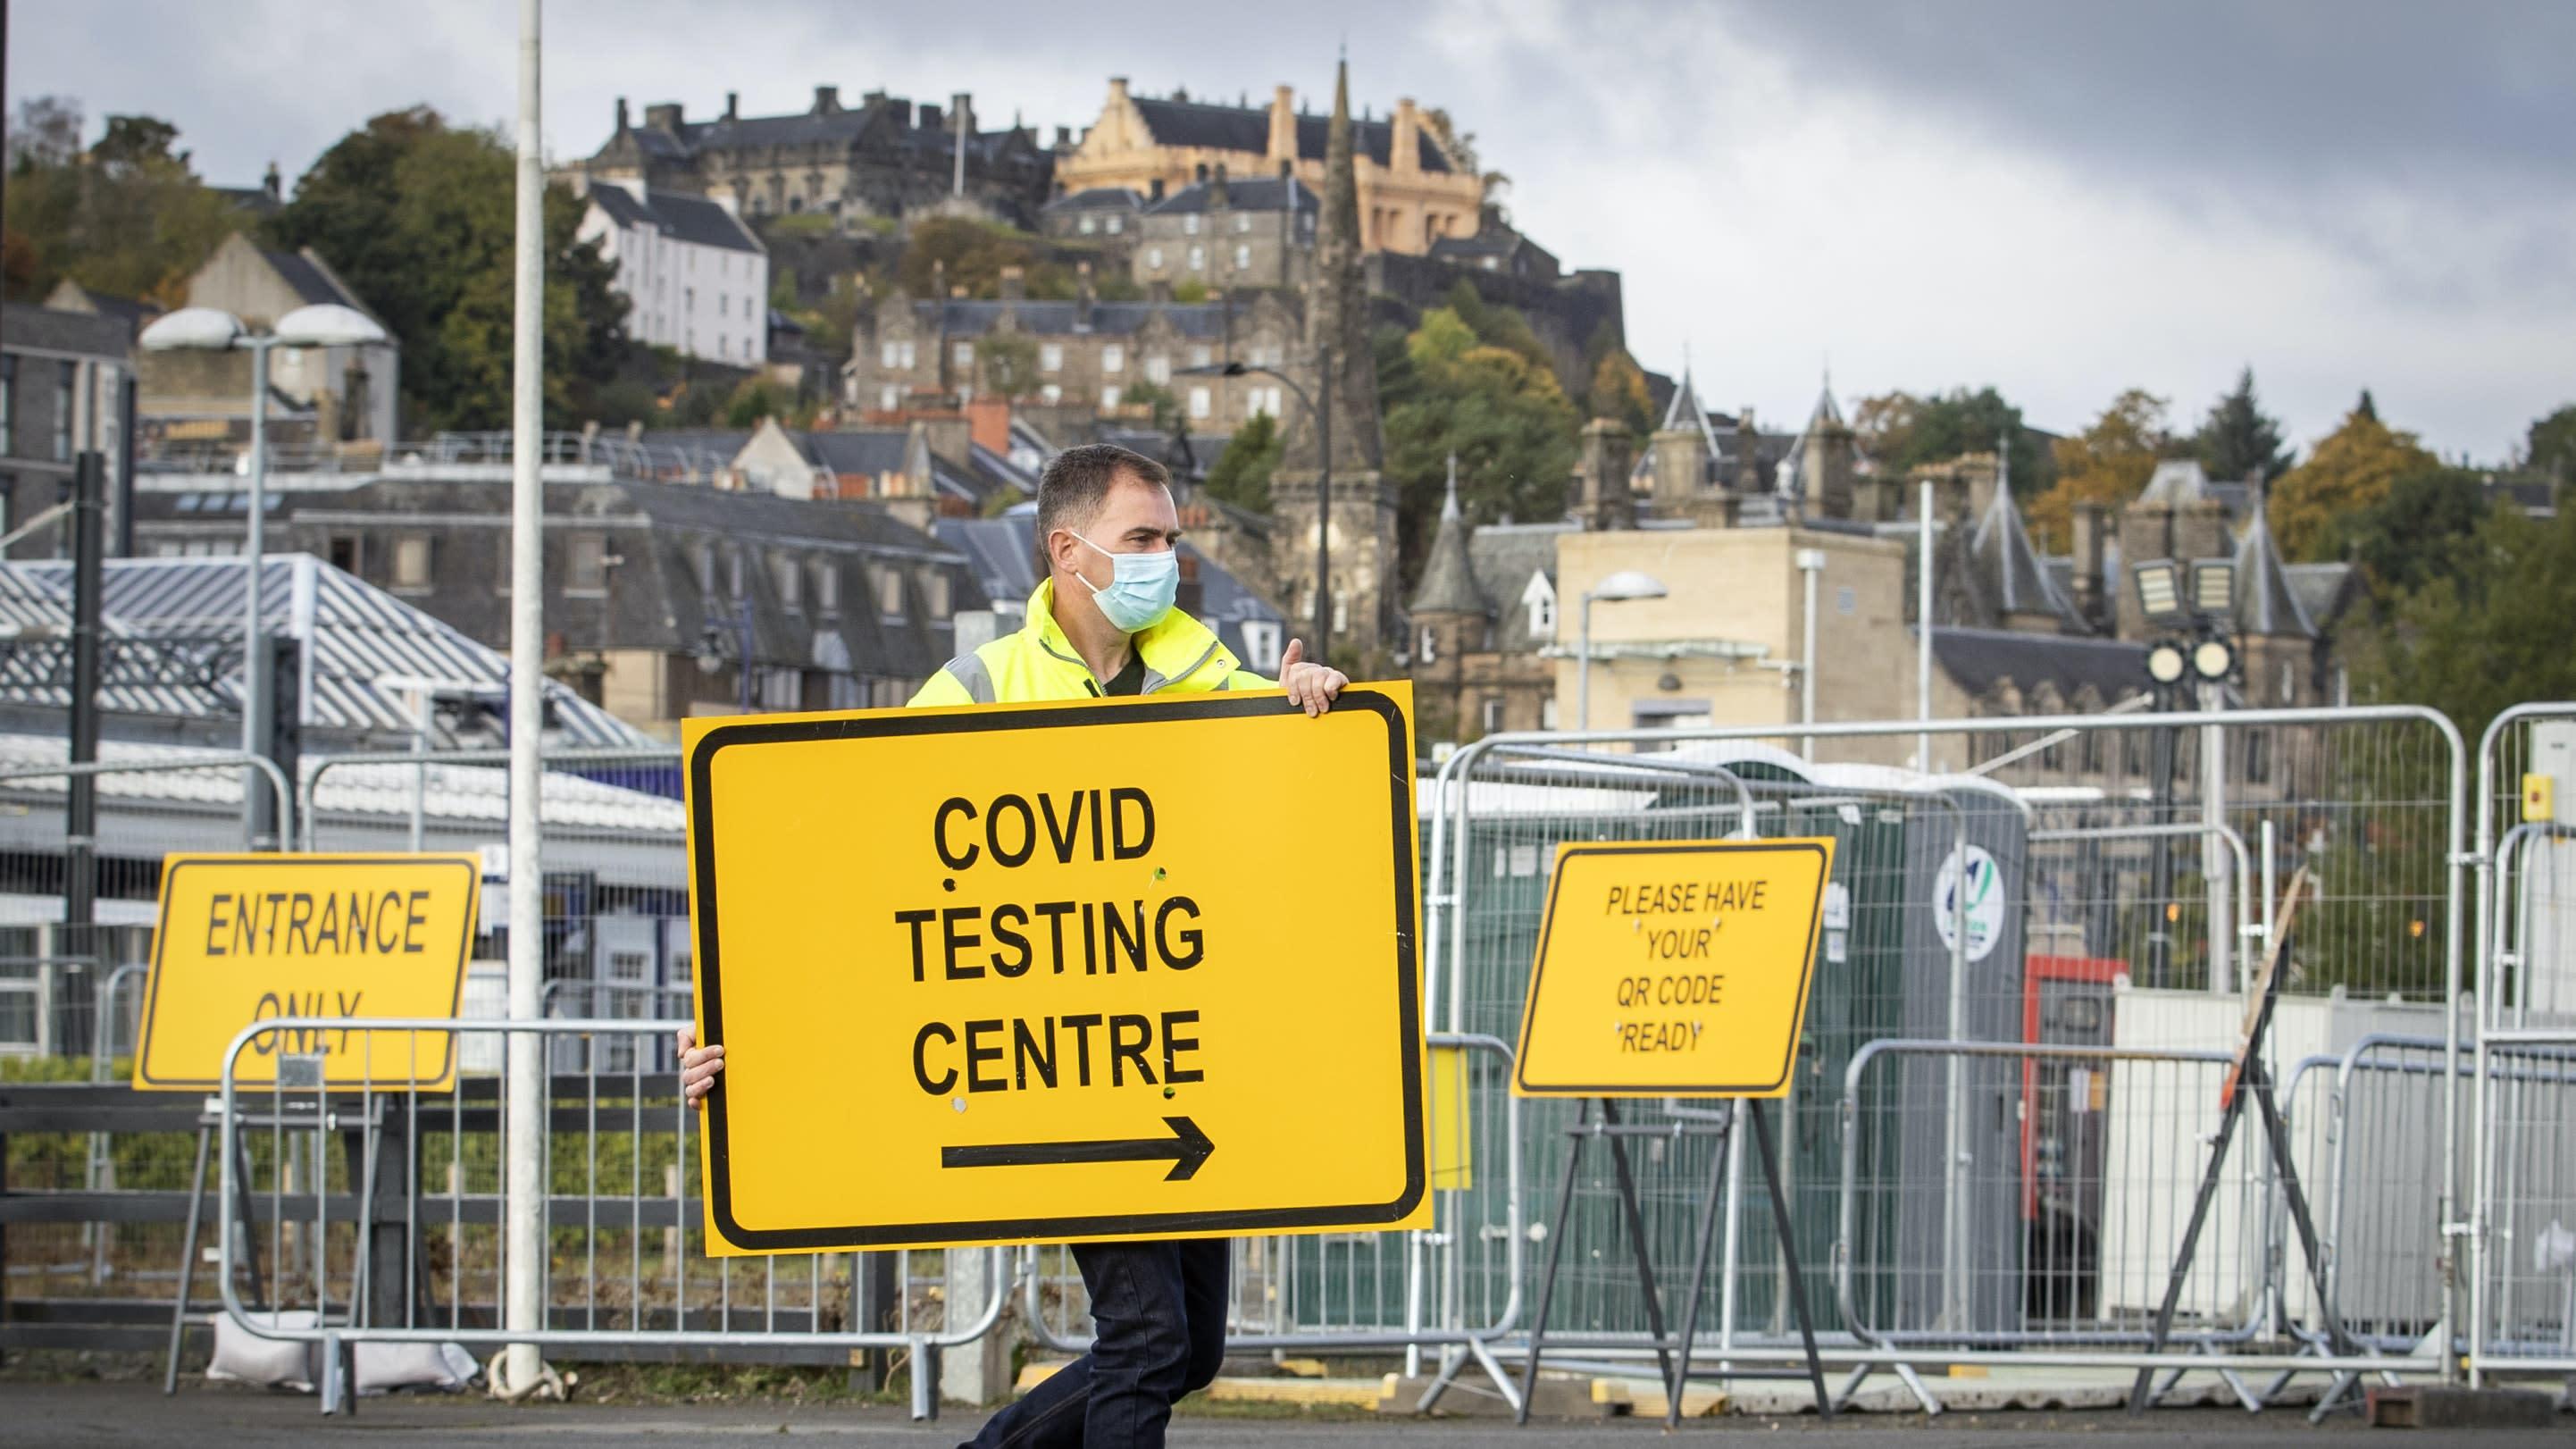 Half of UK coronavirus cases not being identified, expert claims